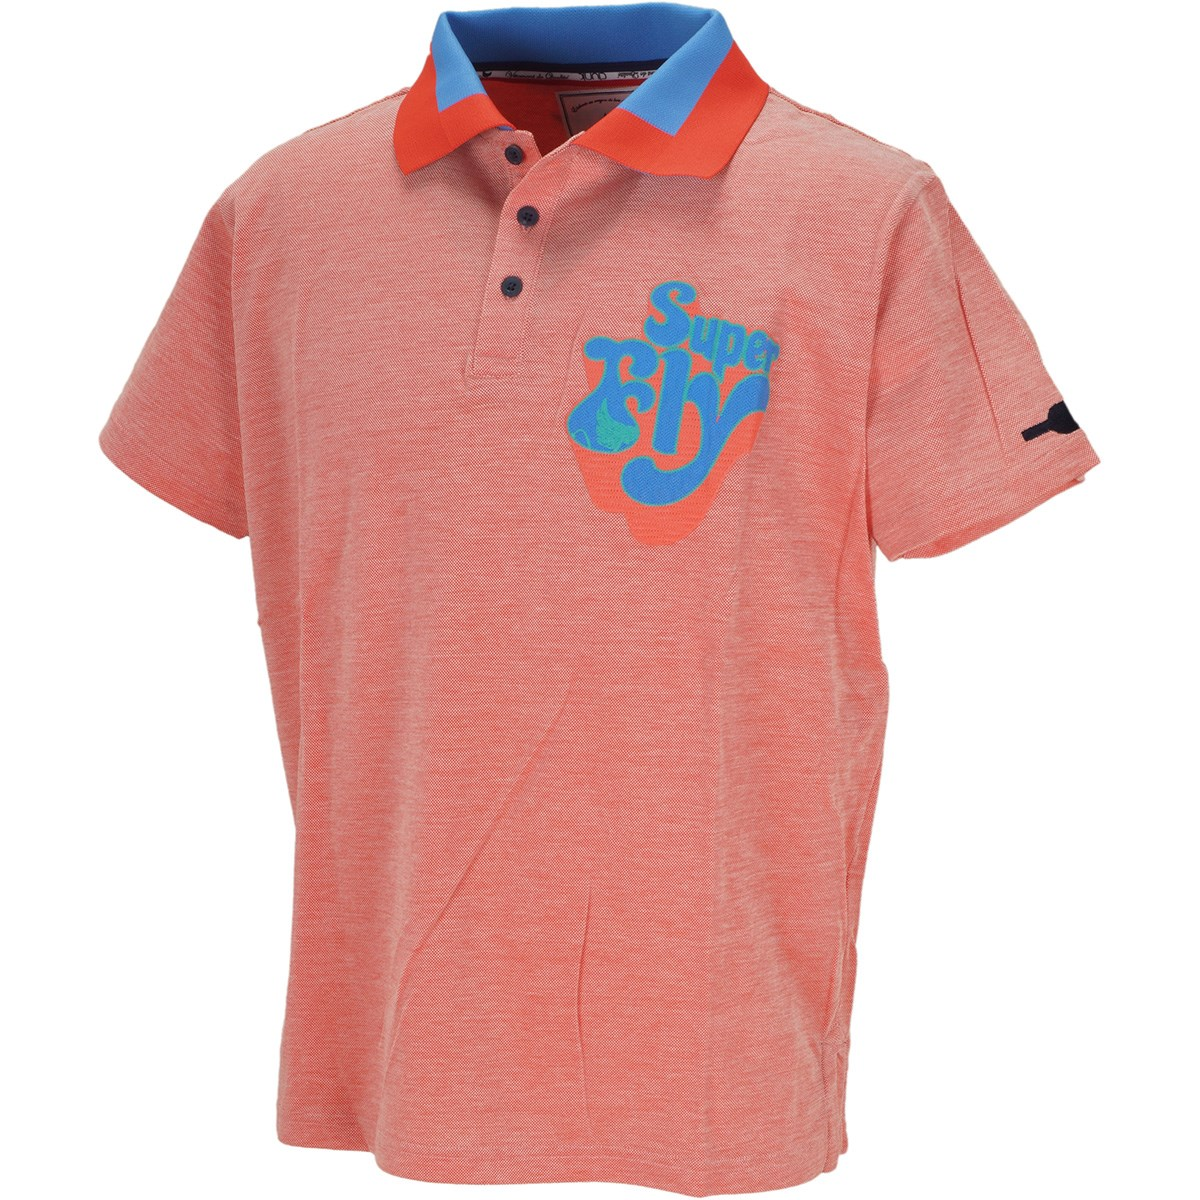 クランク(Clunk) スーパーフライ 半袖ポロシャツ